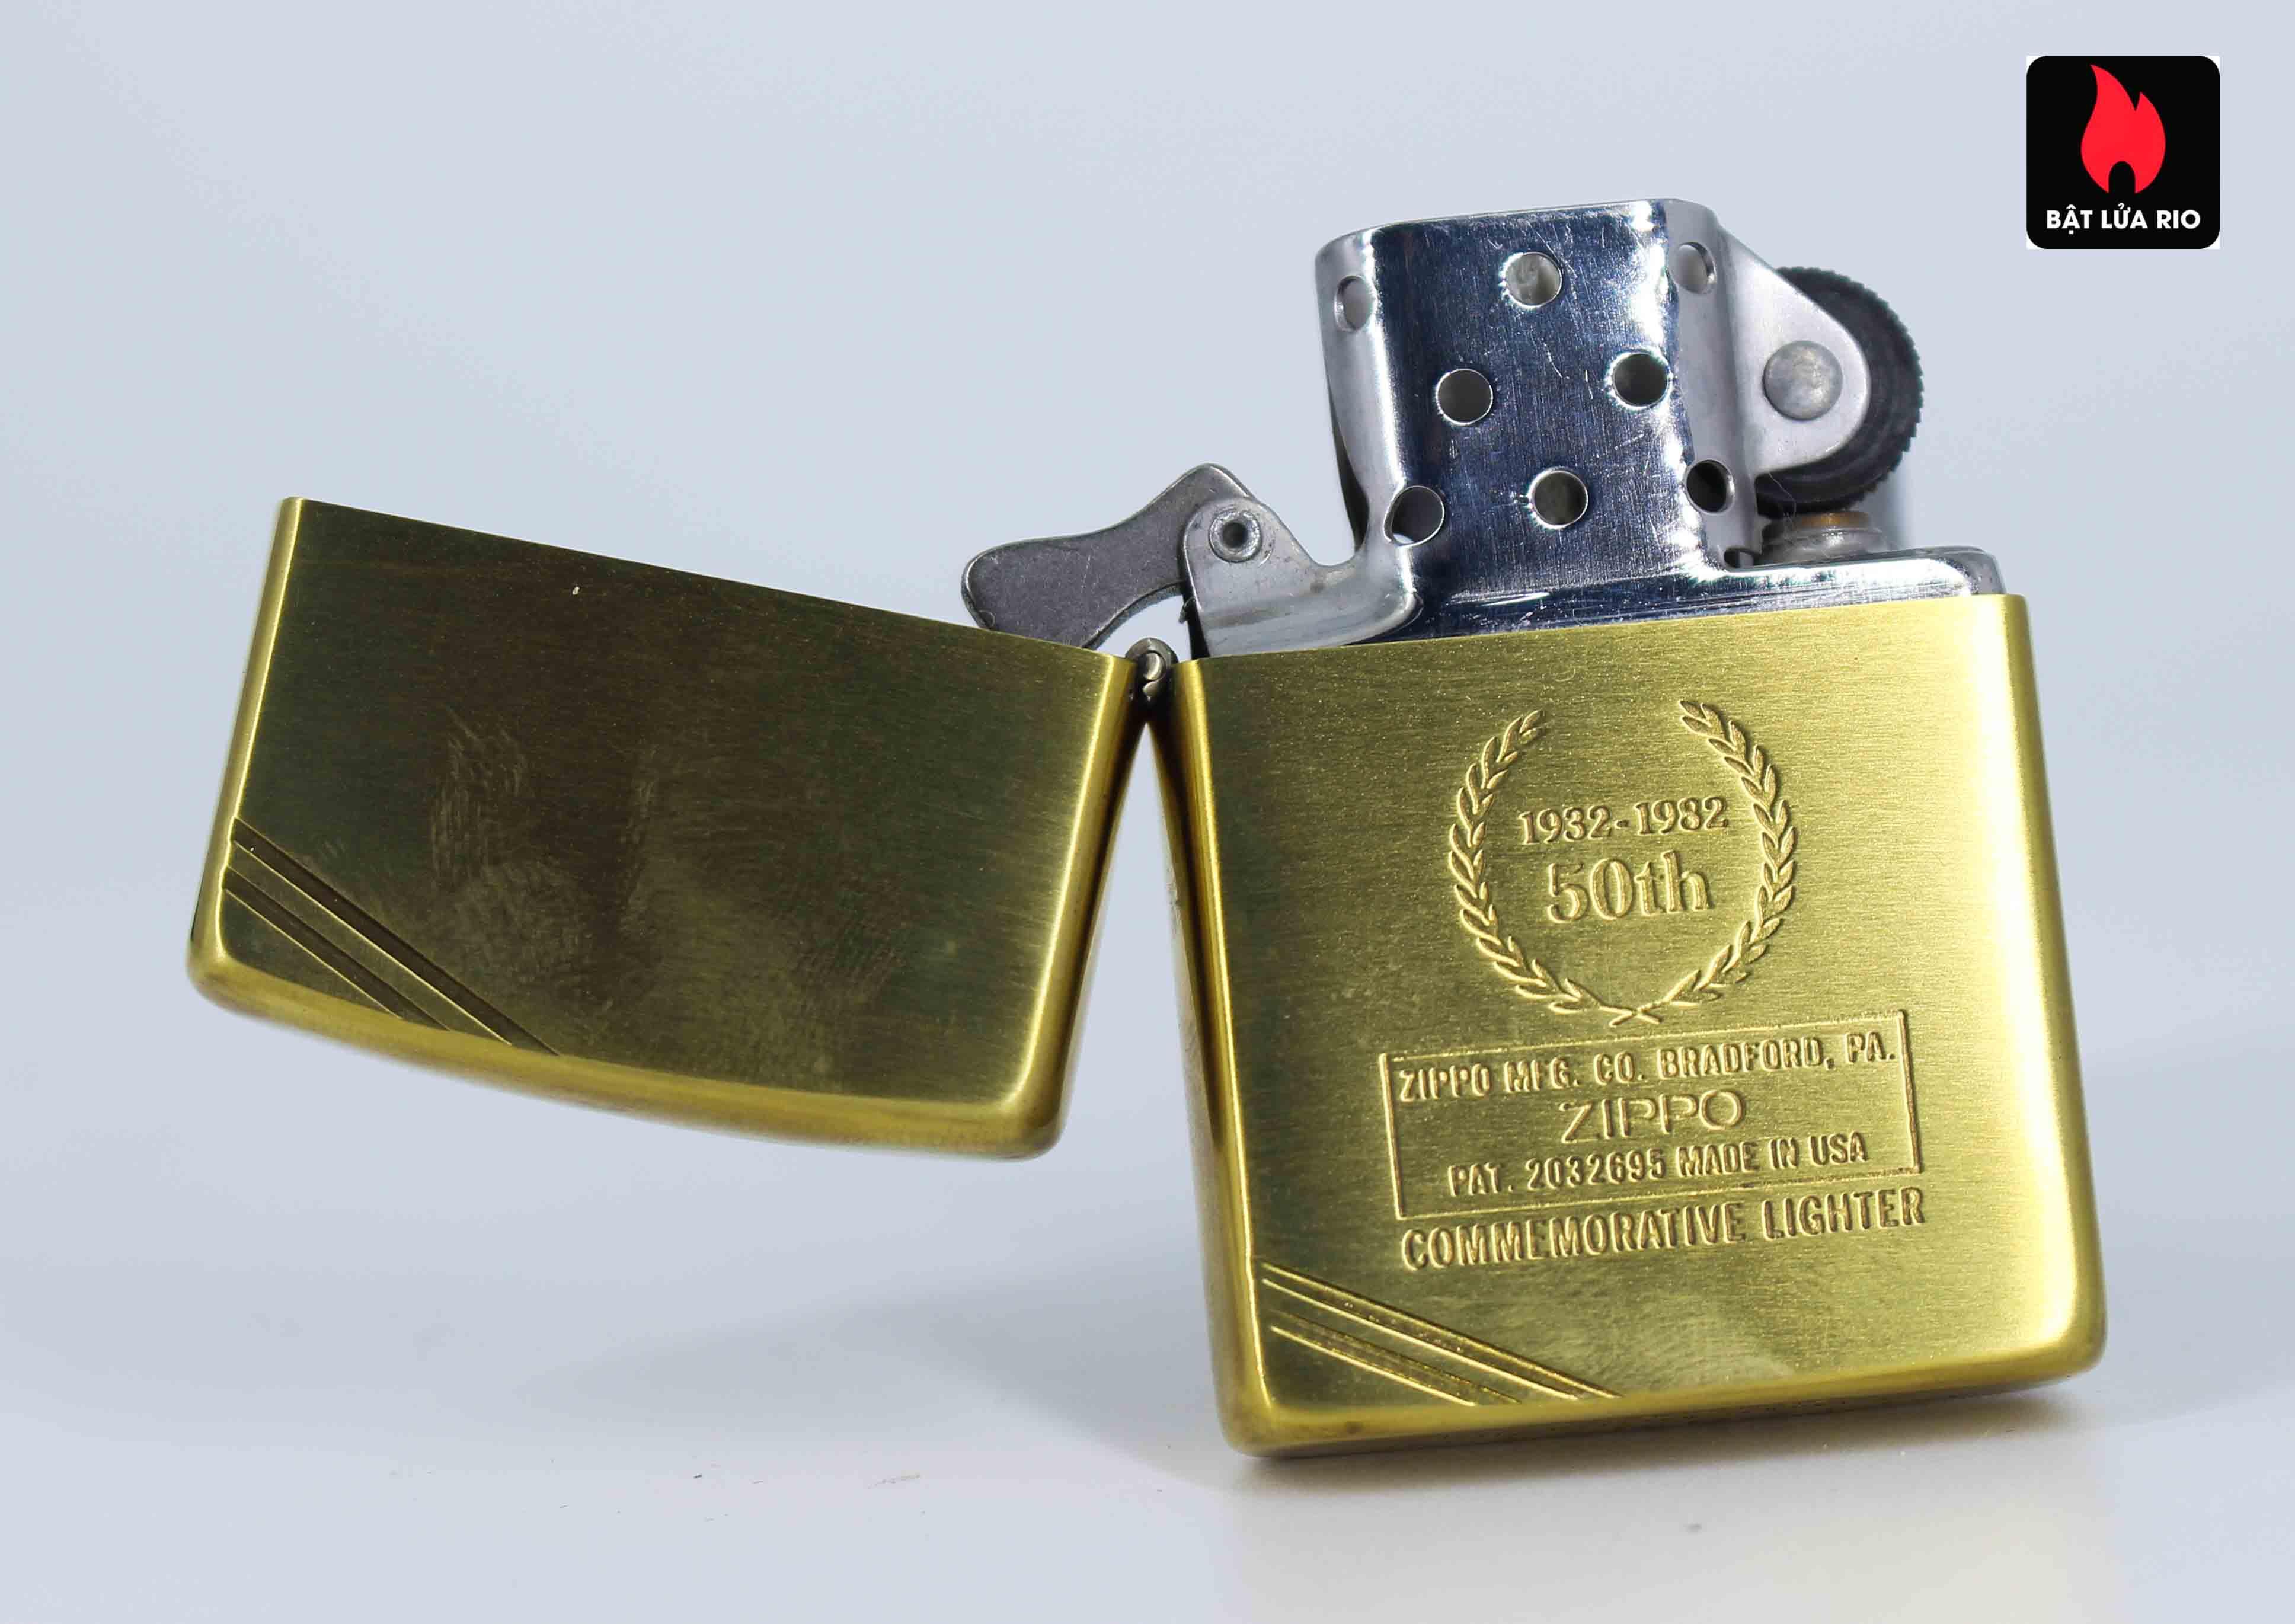 Zippo Chu Niên 1932 - 1982 - 50th Commemorative Lighter - Bông Lúa 8